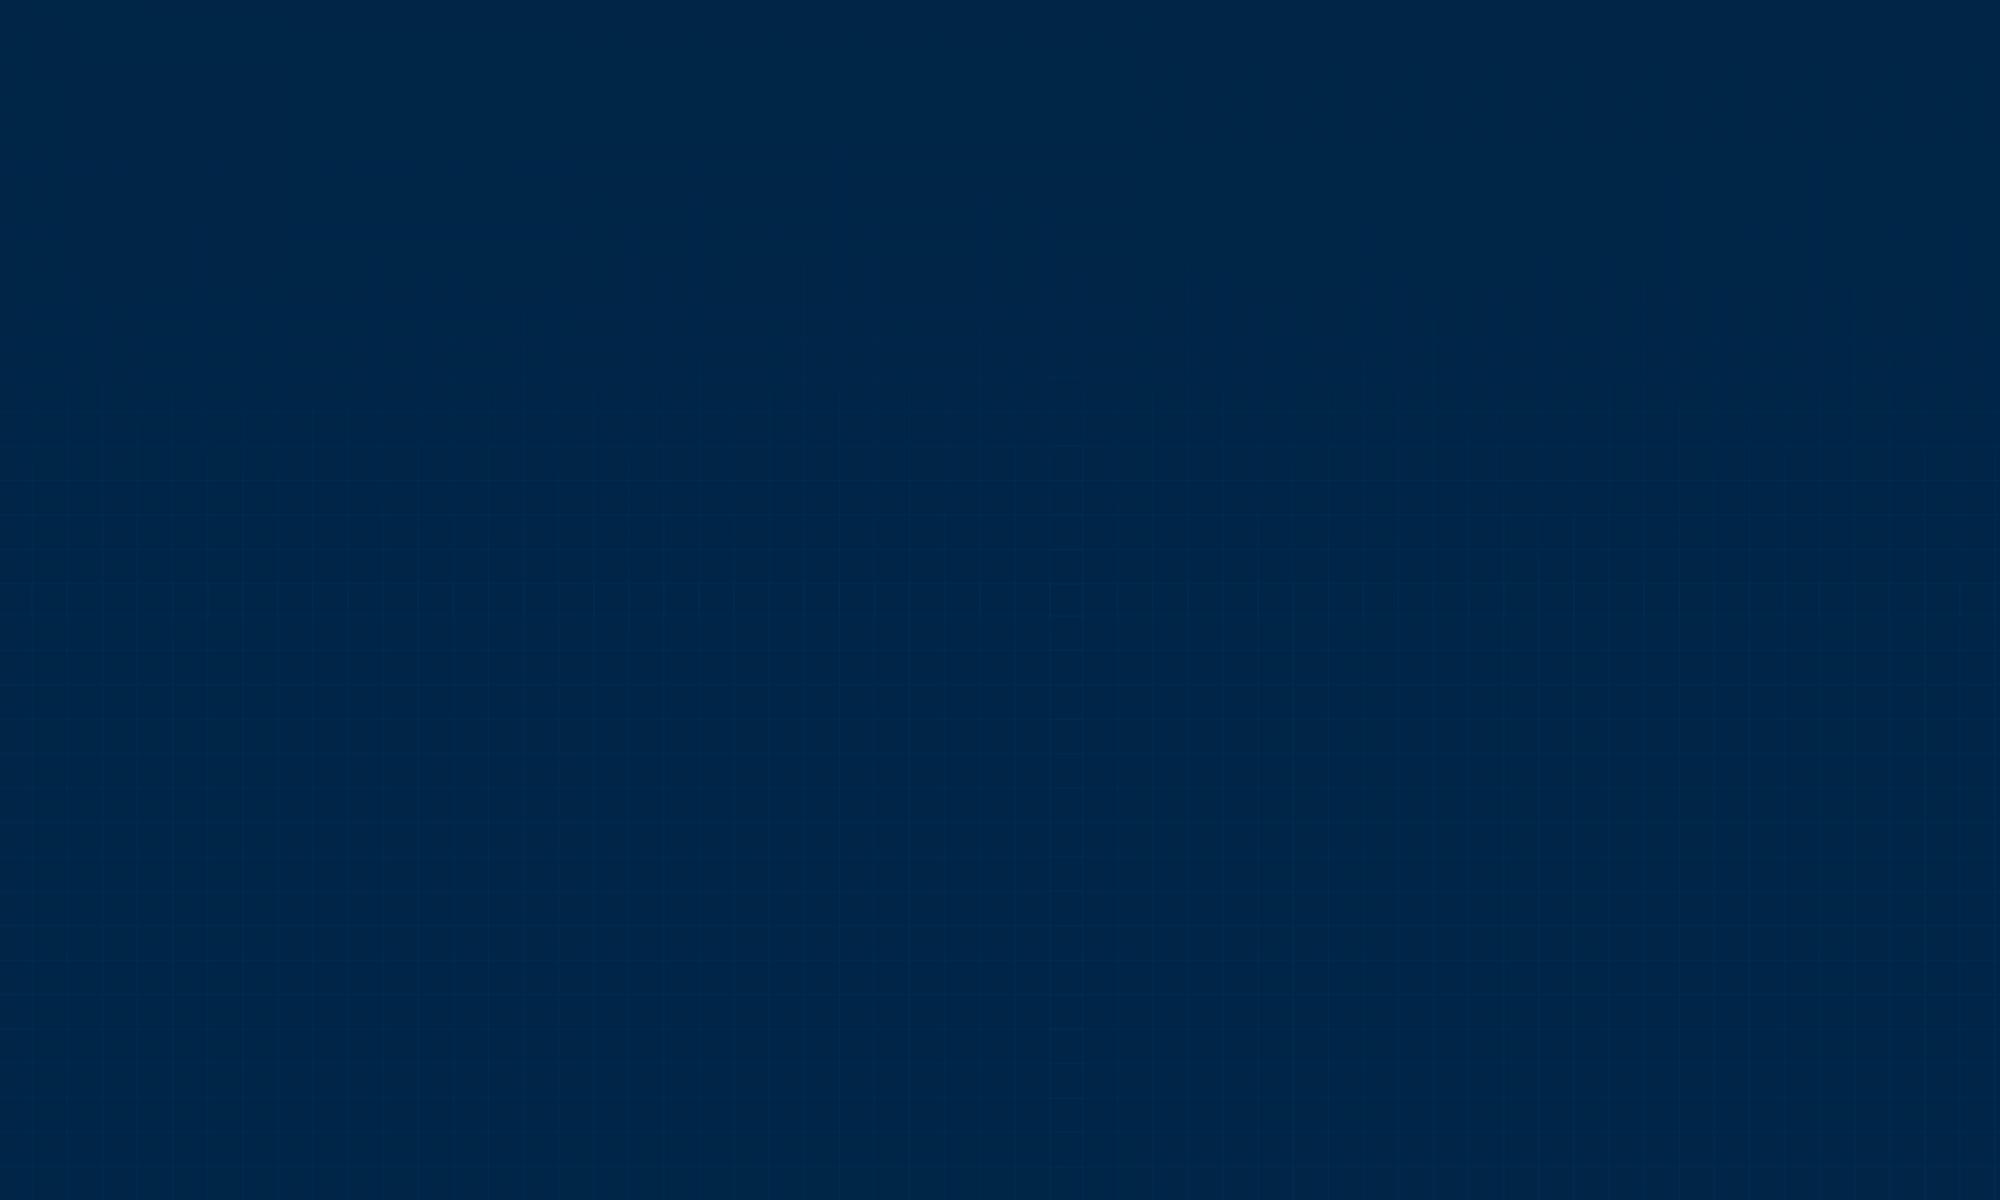 Grupo Macor - Soluções e serviços de segurança com tecnologia de ponta